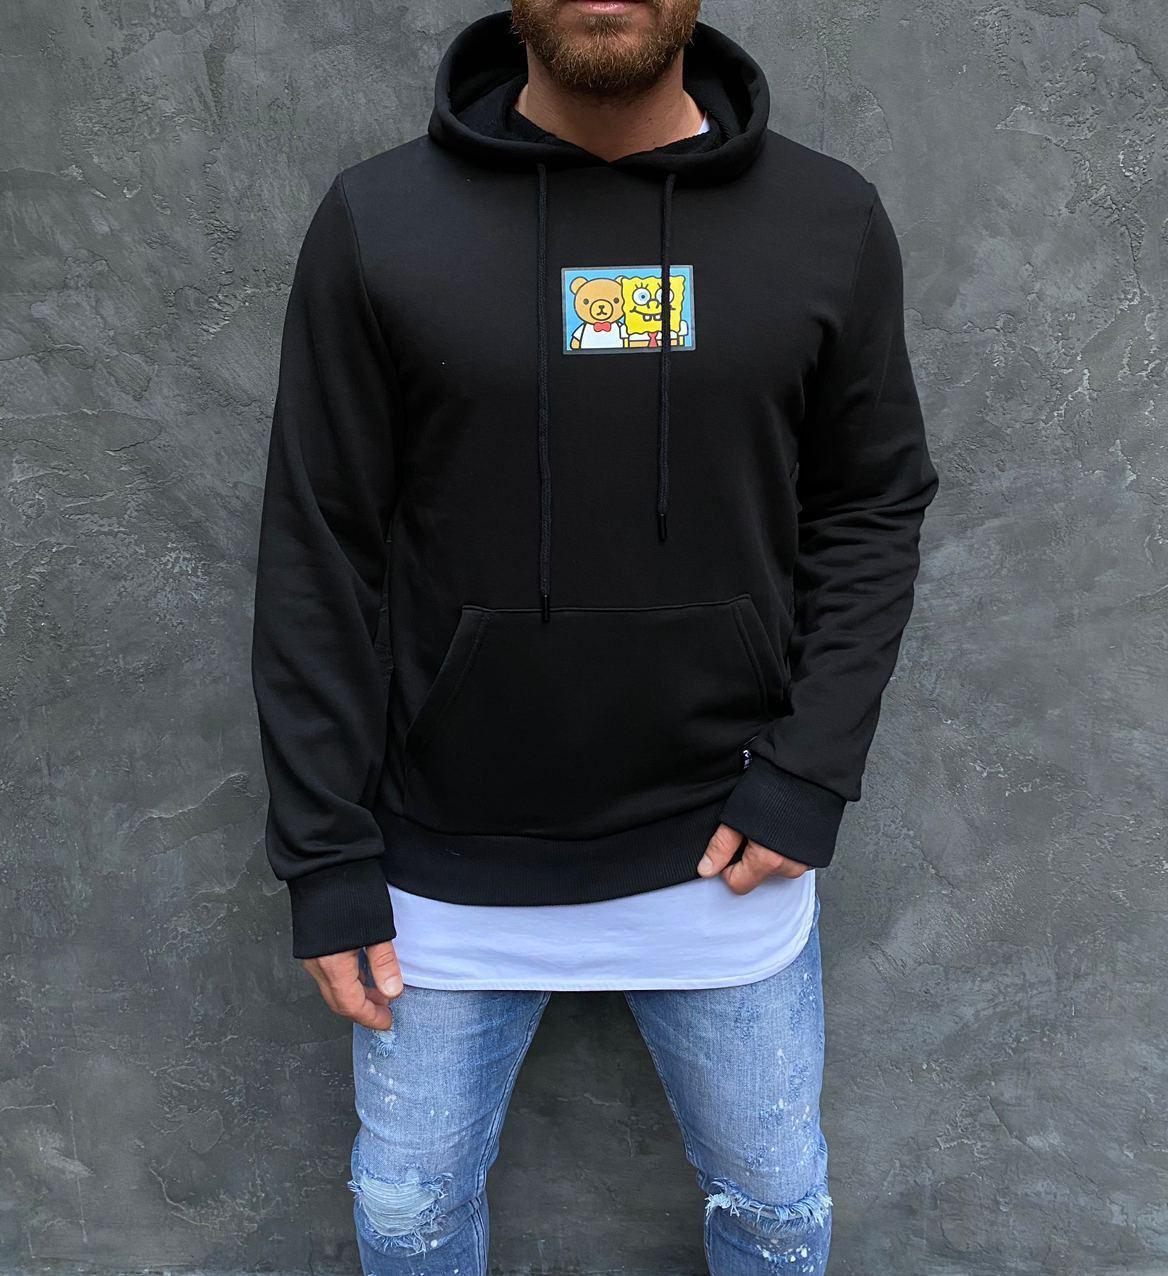 Худи - мужская худи стильная черная с  принтом